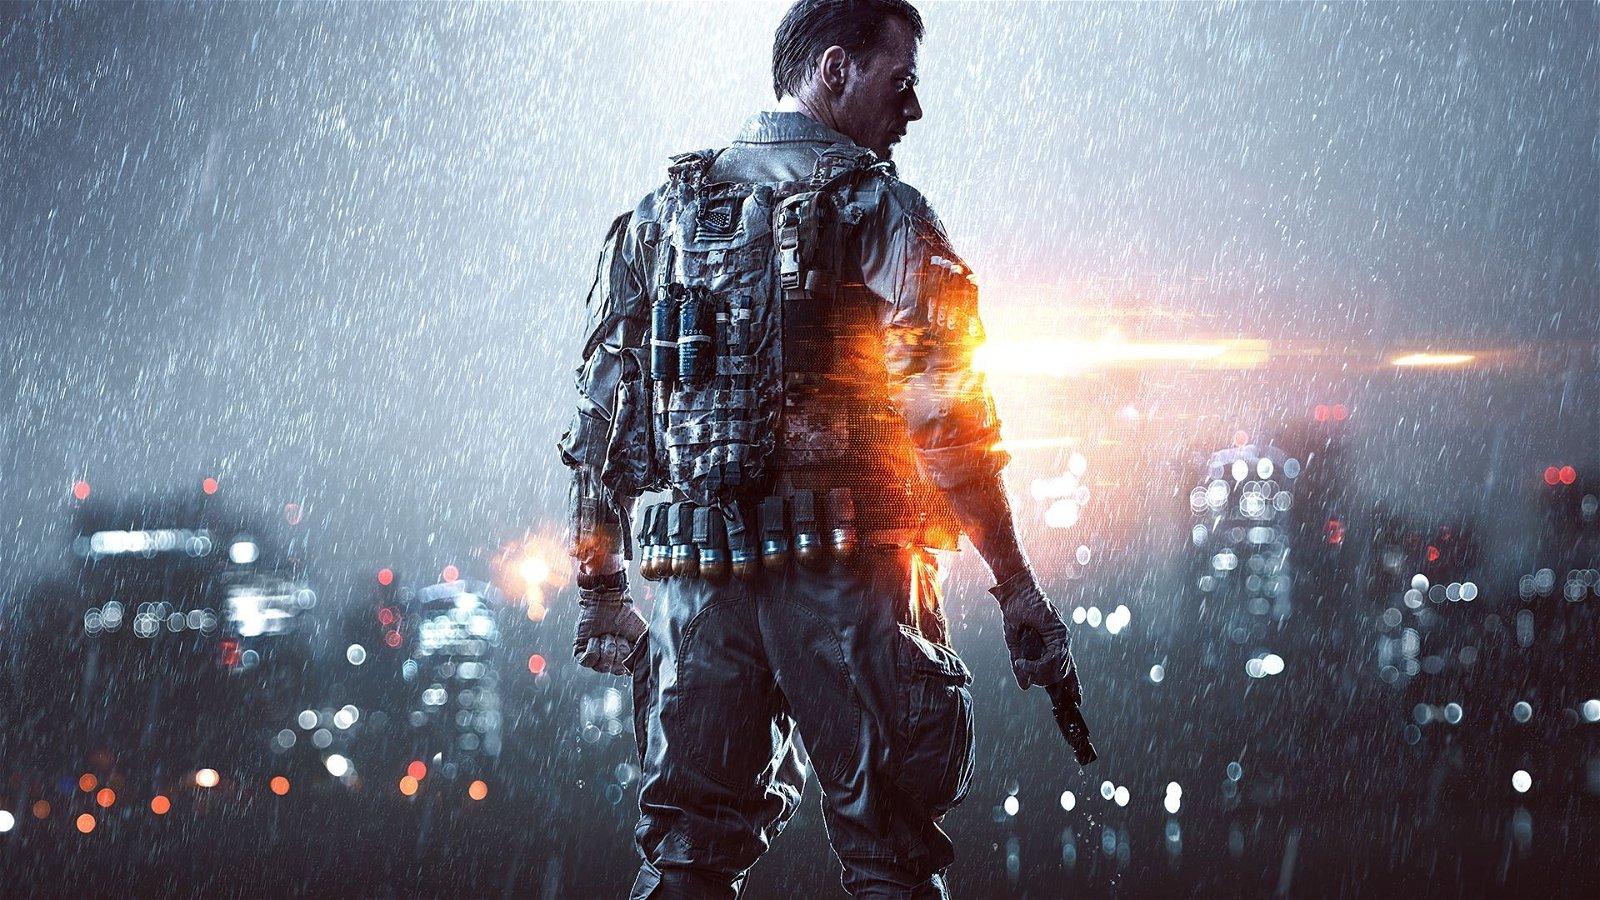 Battlefield tendrá su propia serie de televisión